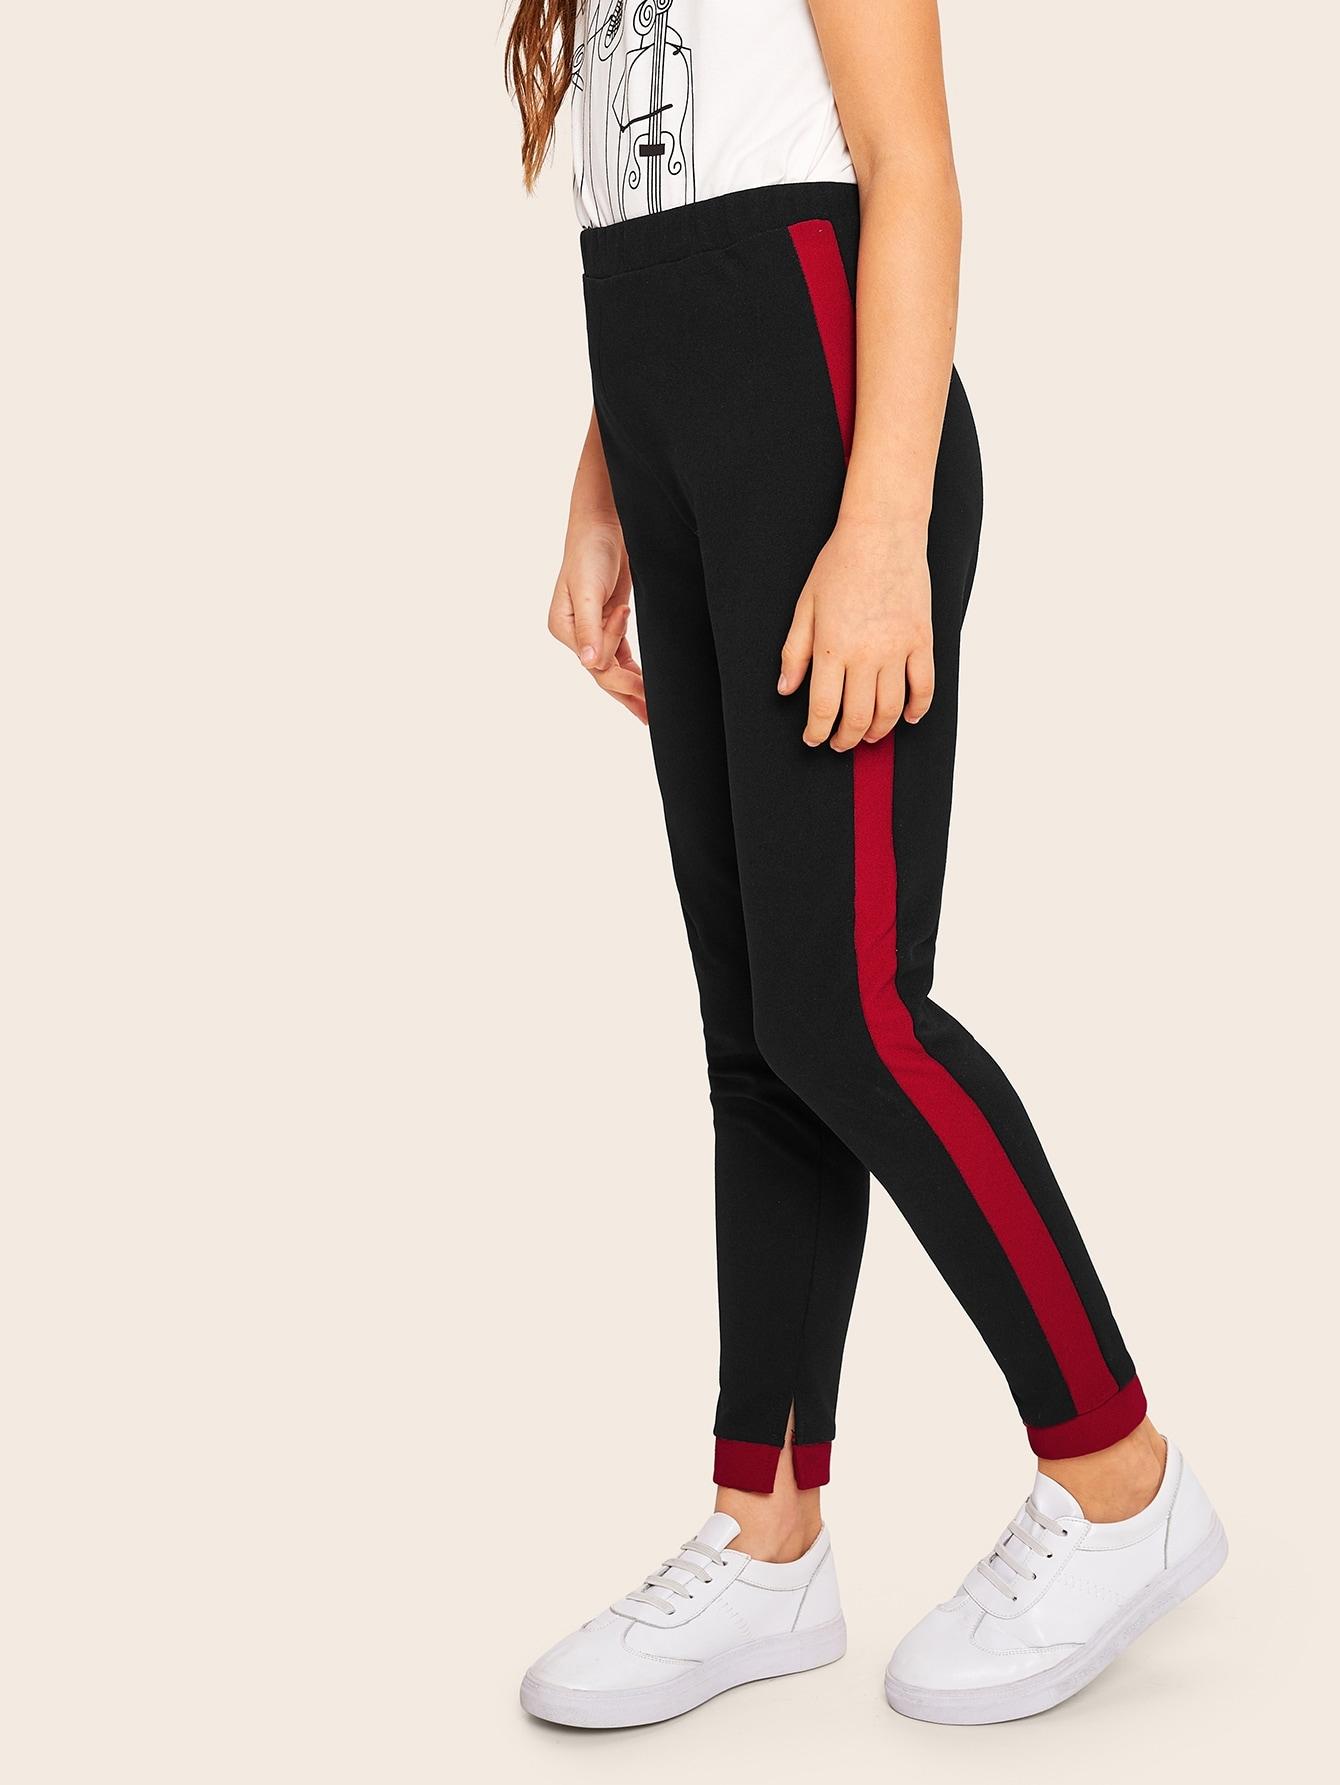 Фото - Леггинсы с контрастным бокам для девочек от SheIn черного цвета